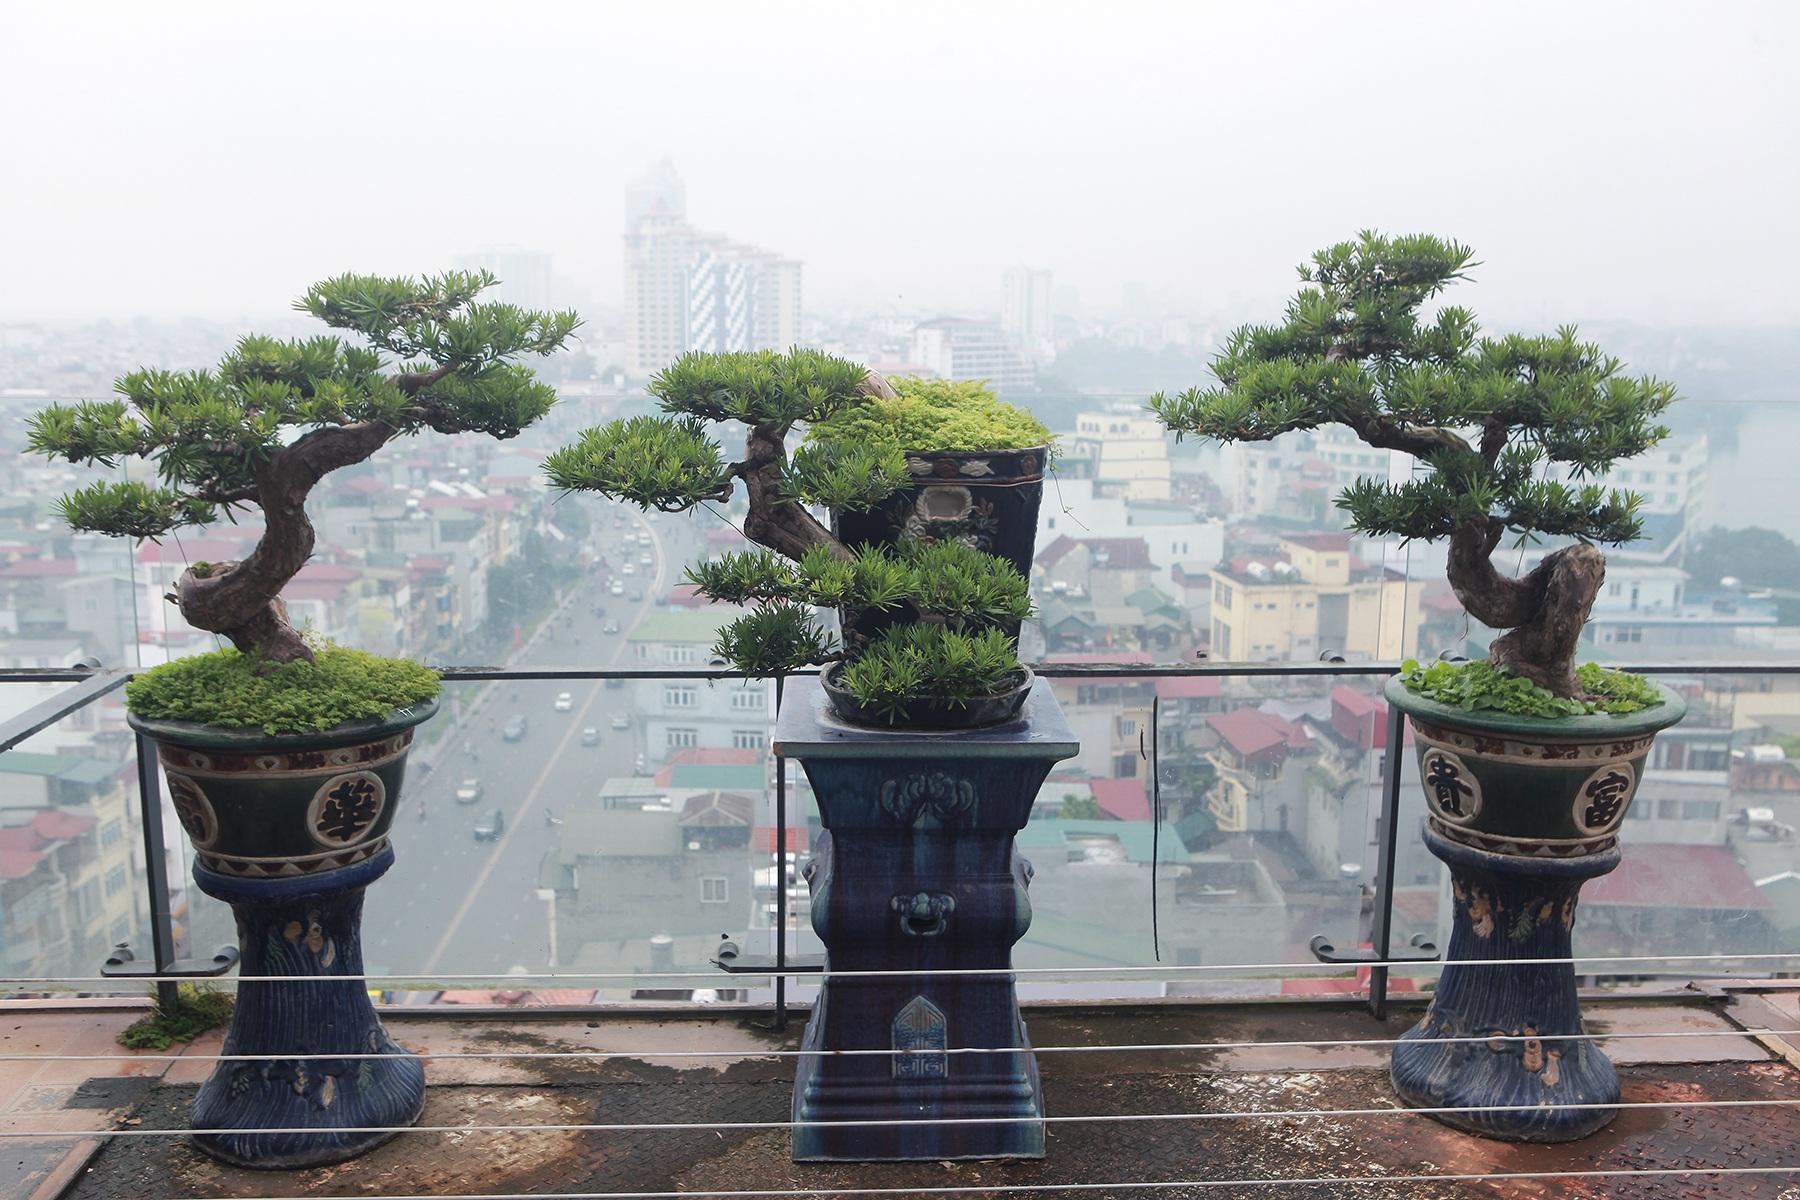 """Mãn nhãn với vườn cây bonsai dáng quái giữa """"lưng chừng trời"""" ở Hà Nội - 4"""